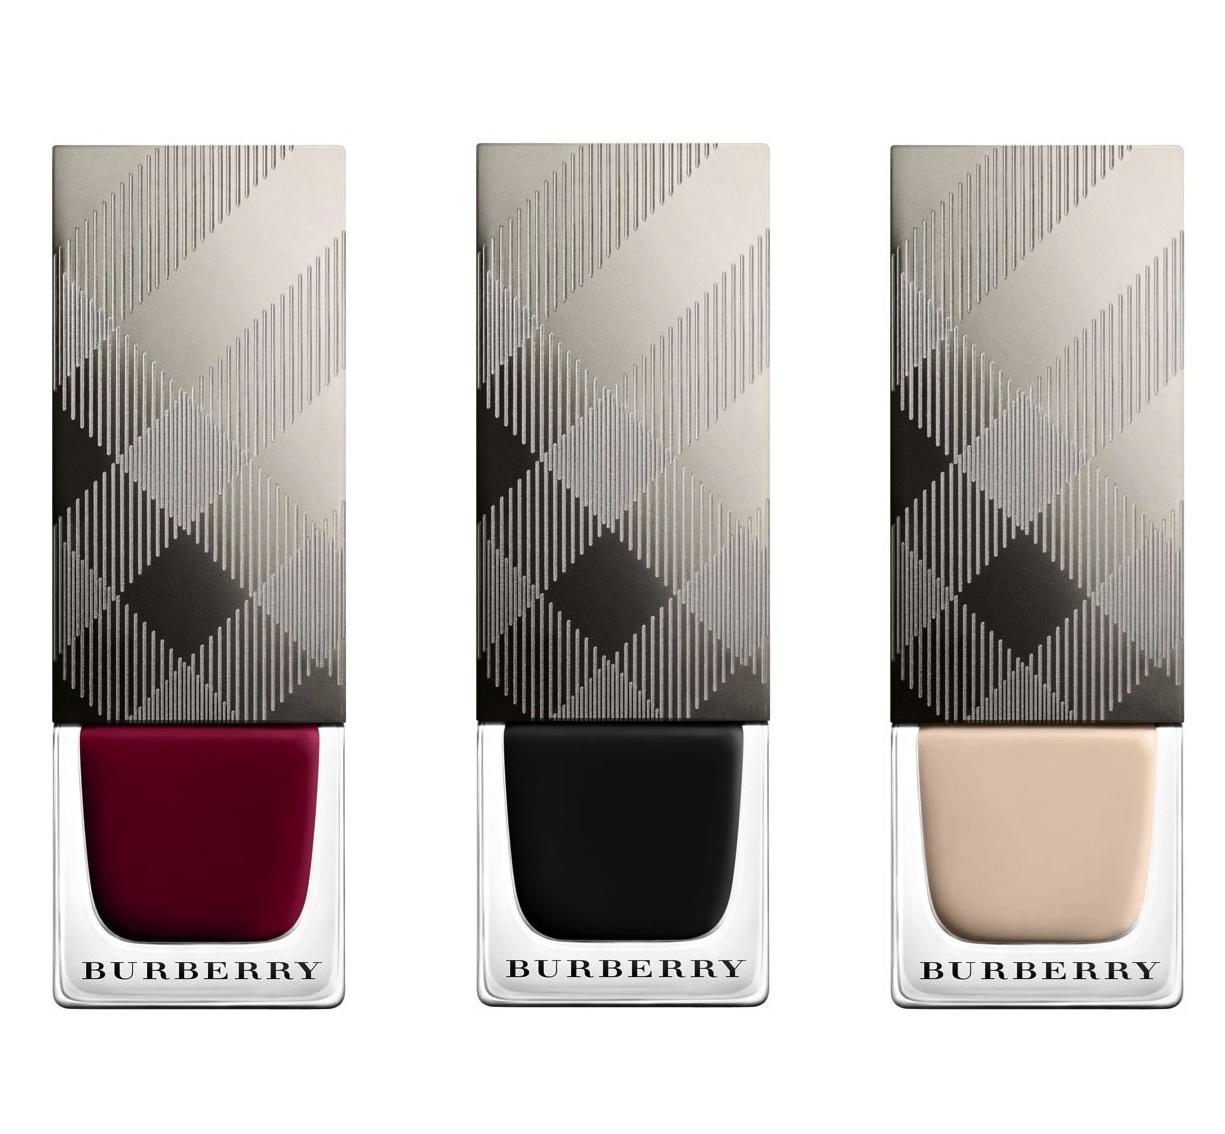 Ziemlich Burberry Nagellack Bilder - Nagellack-Design-Ideen ...